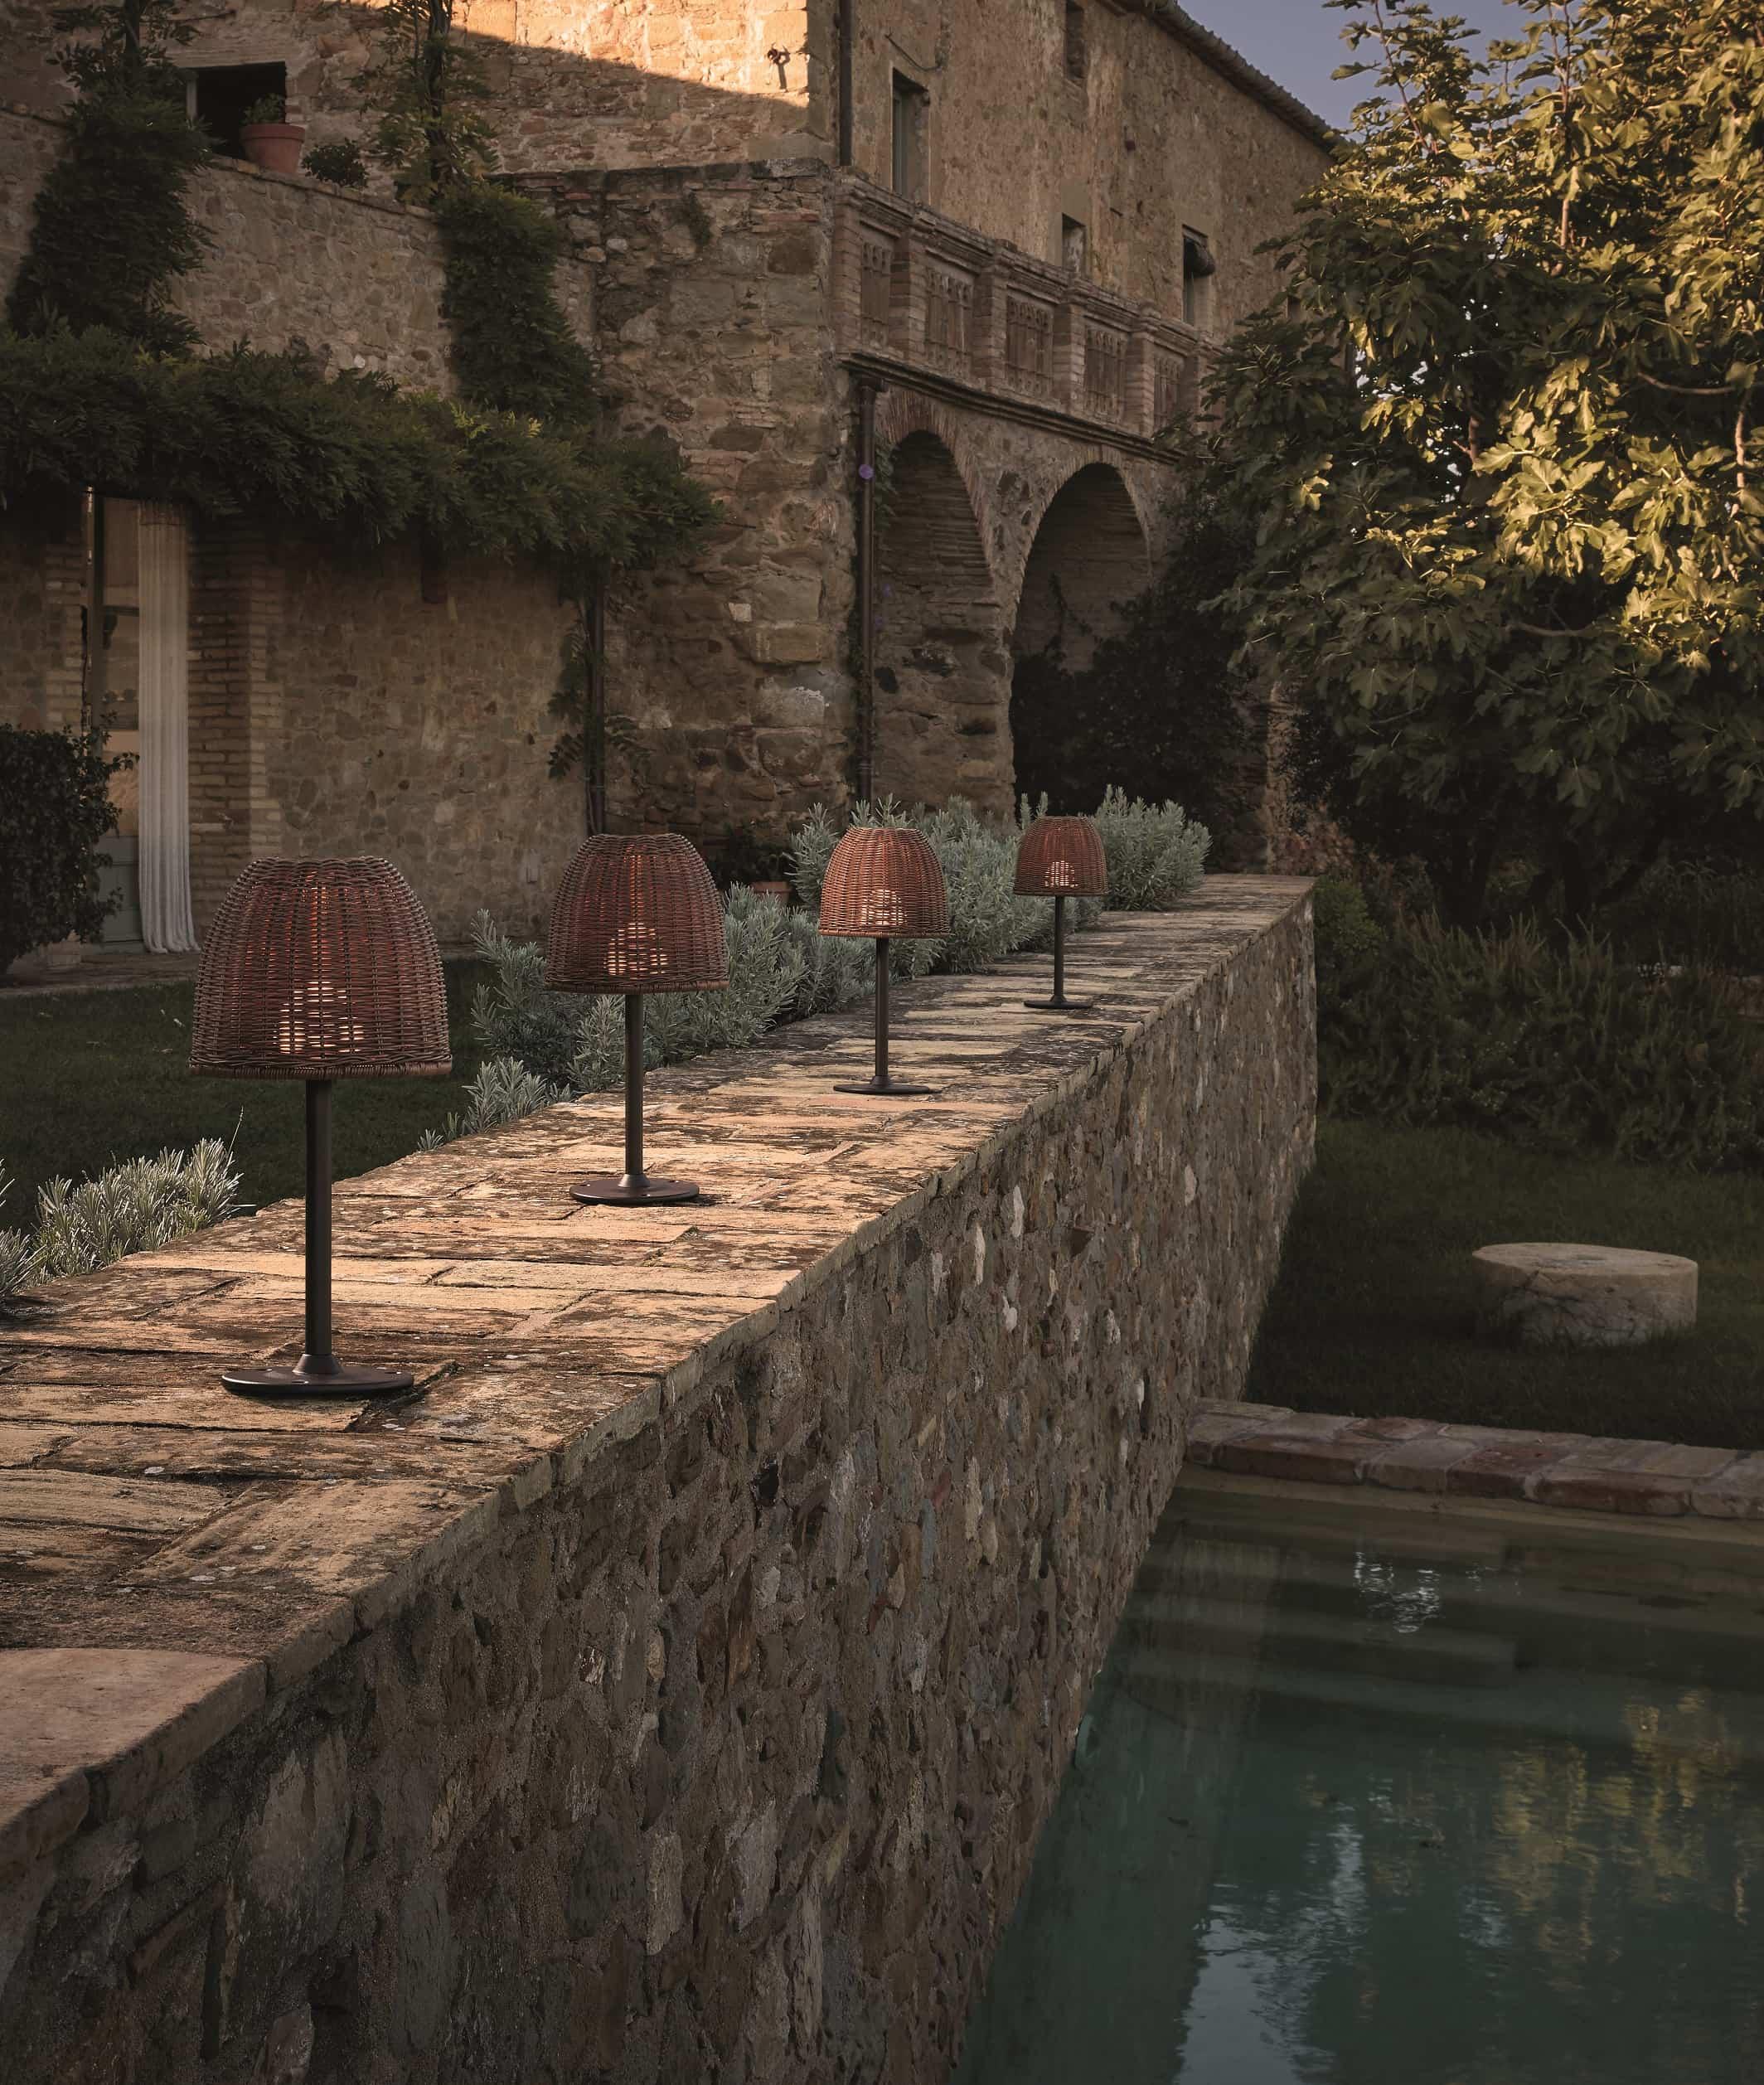 Gärten und Pools - Gartenbeleuchtung